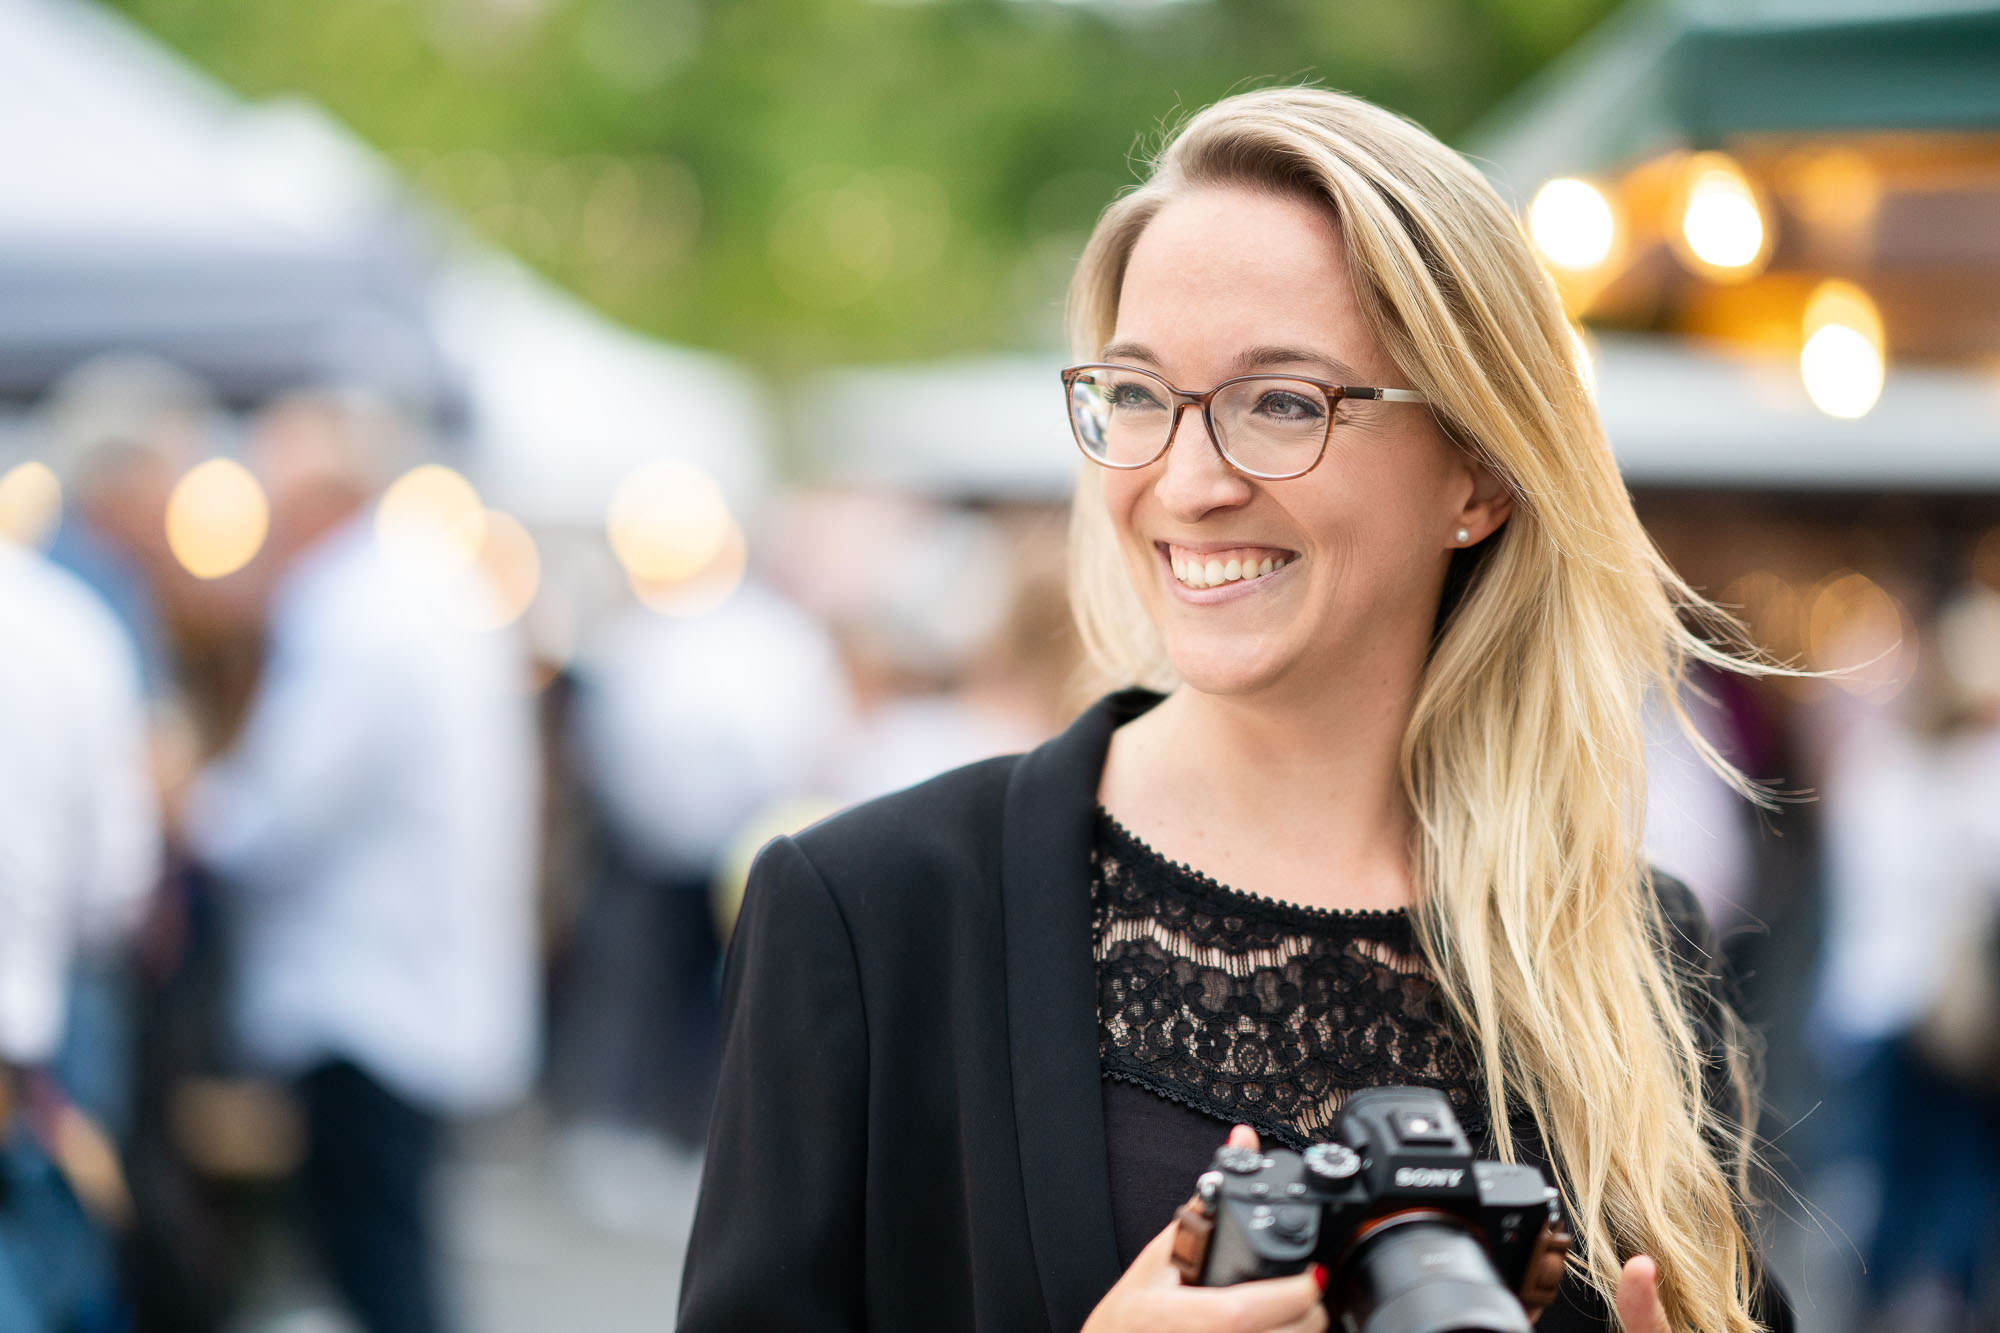 Hochzeitsfotografin Annika List aus Wiesbaden